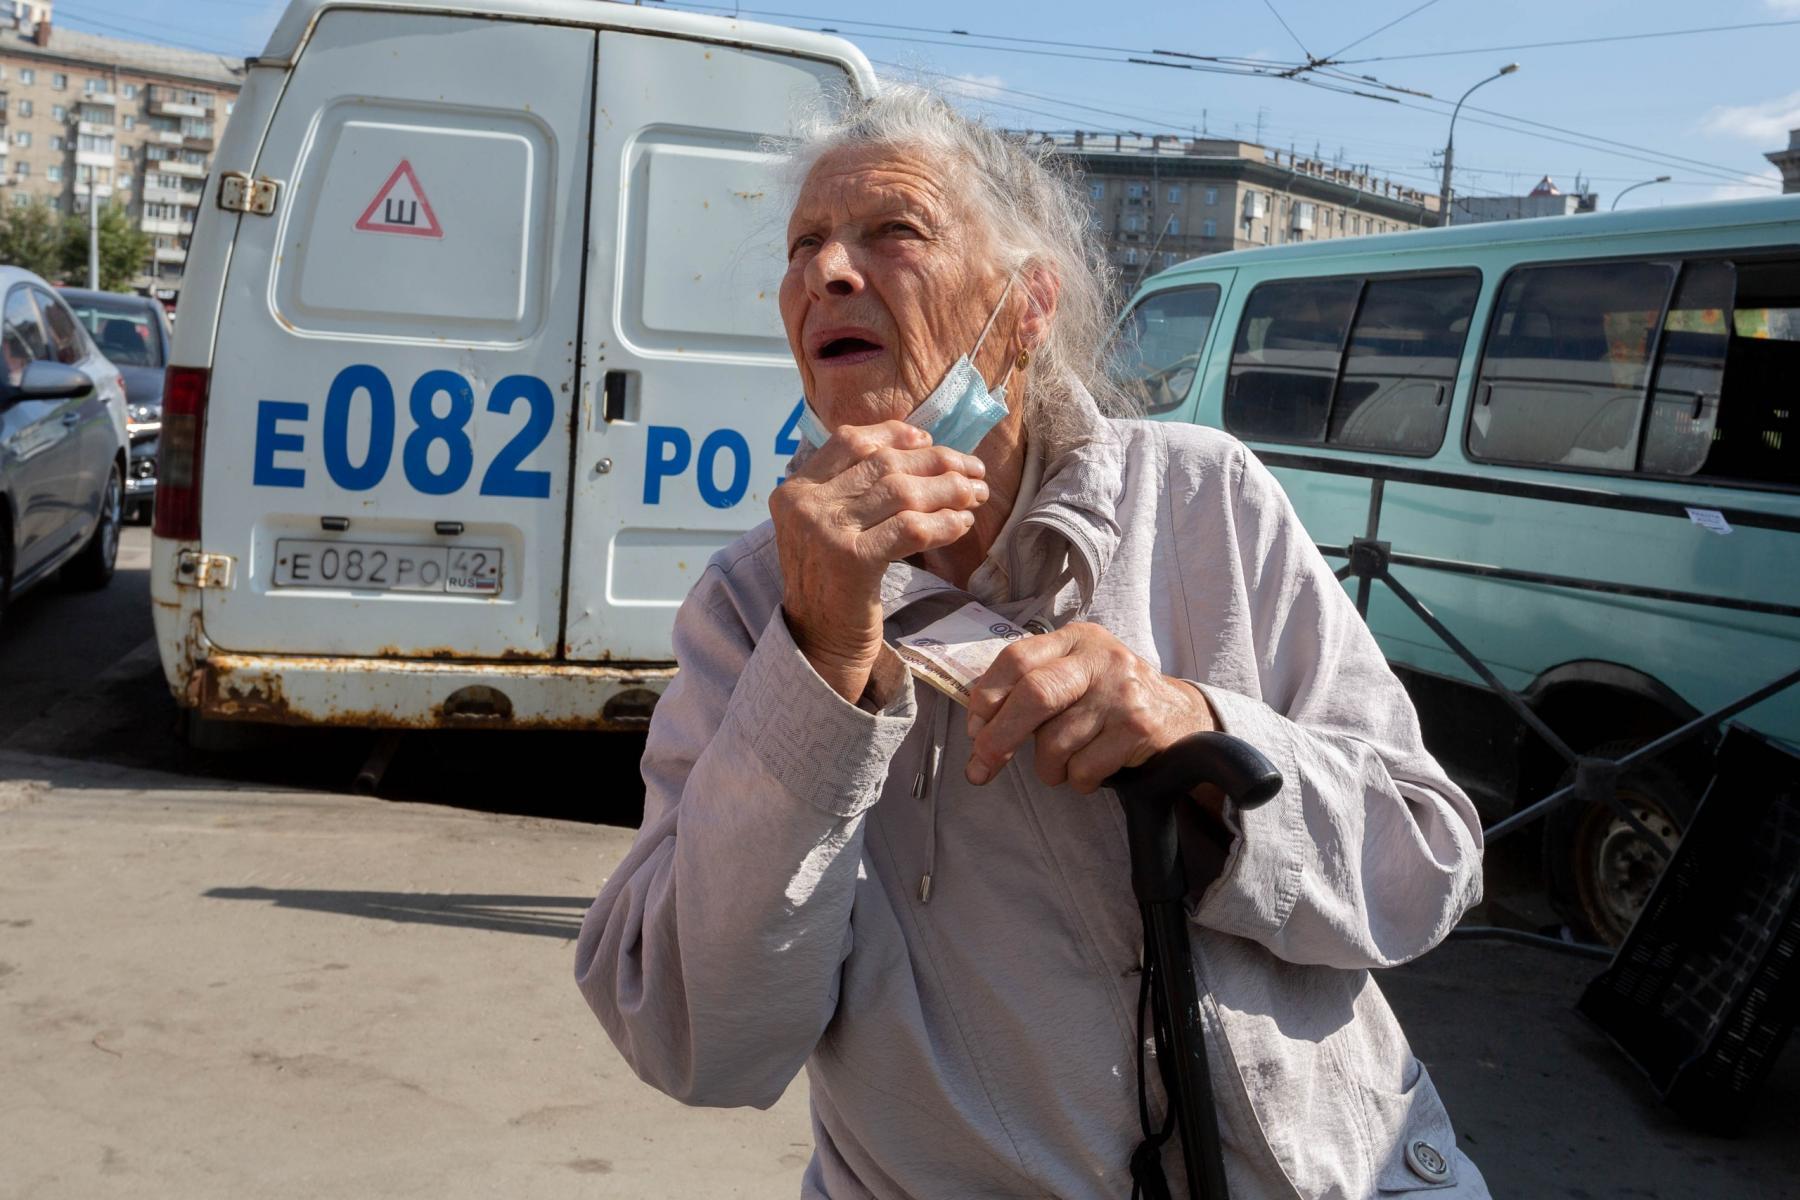 Фото Пенсия 18521 рубль: экономист рассказала об индексации выплат пенсионерам в 2022 году 2